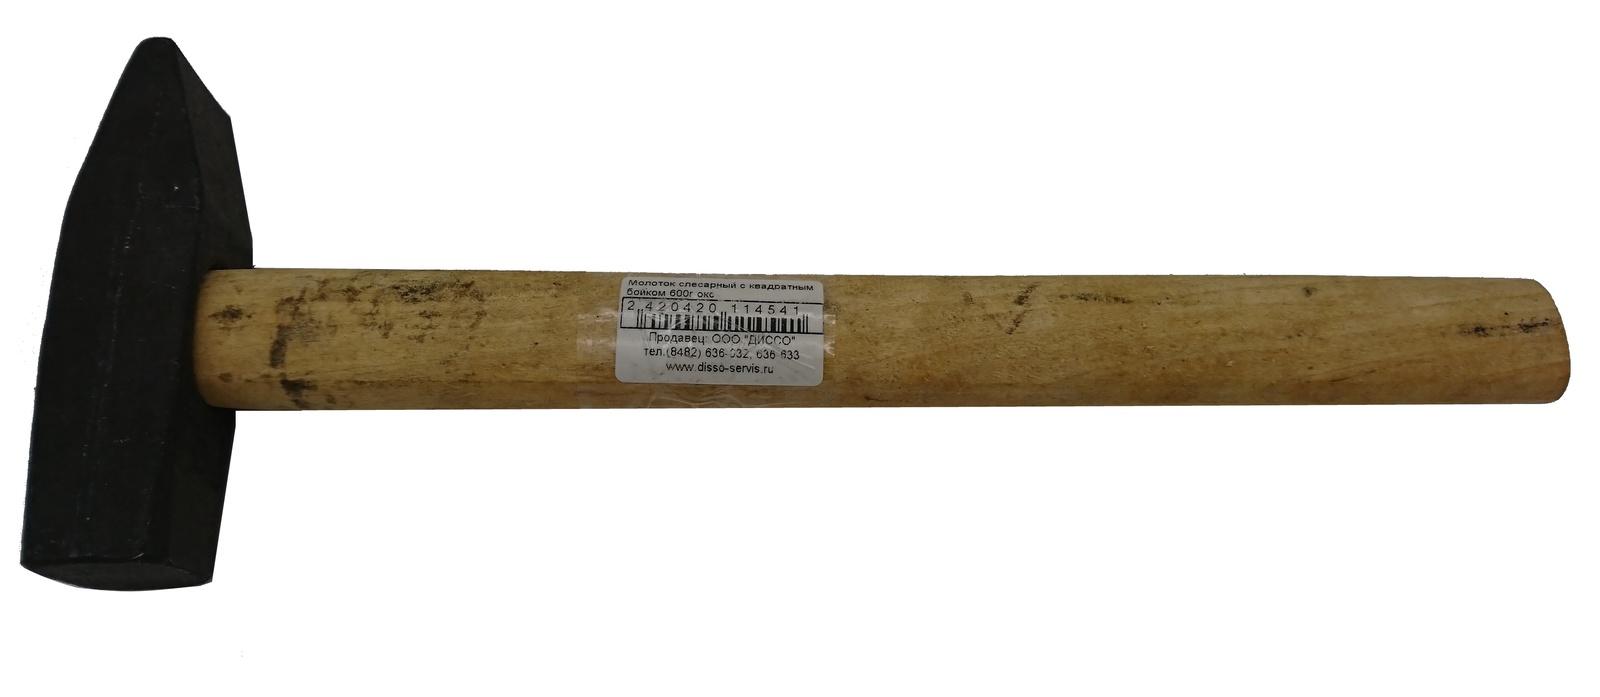 Молоток слесарный с квадратным бойком 600г окс молоток немецкого типа santool с квадратным бойком и деревянной ручкой 600 гр 030811 060